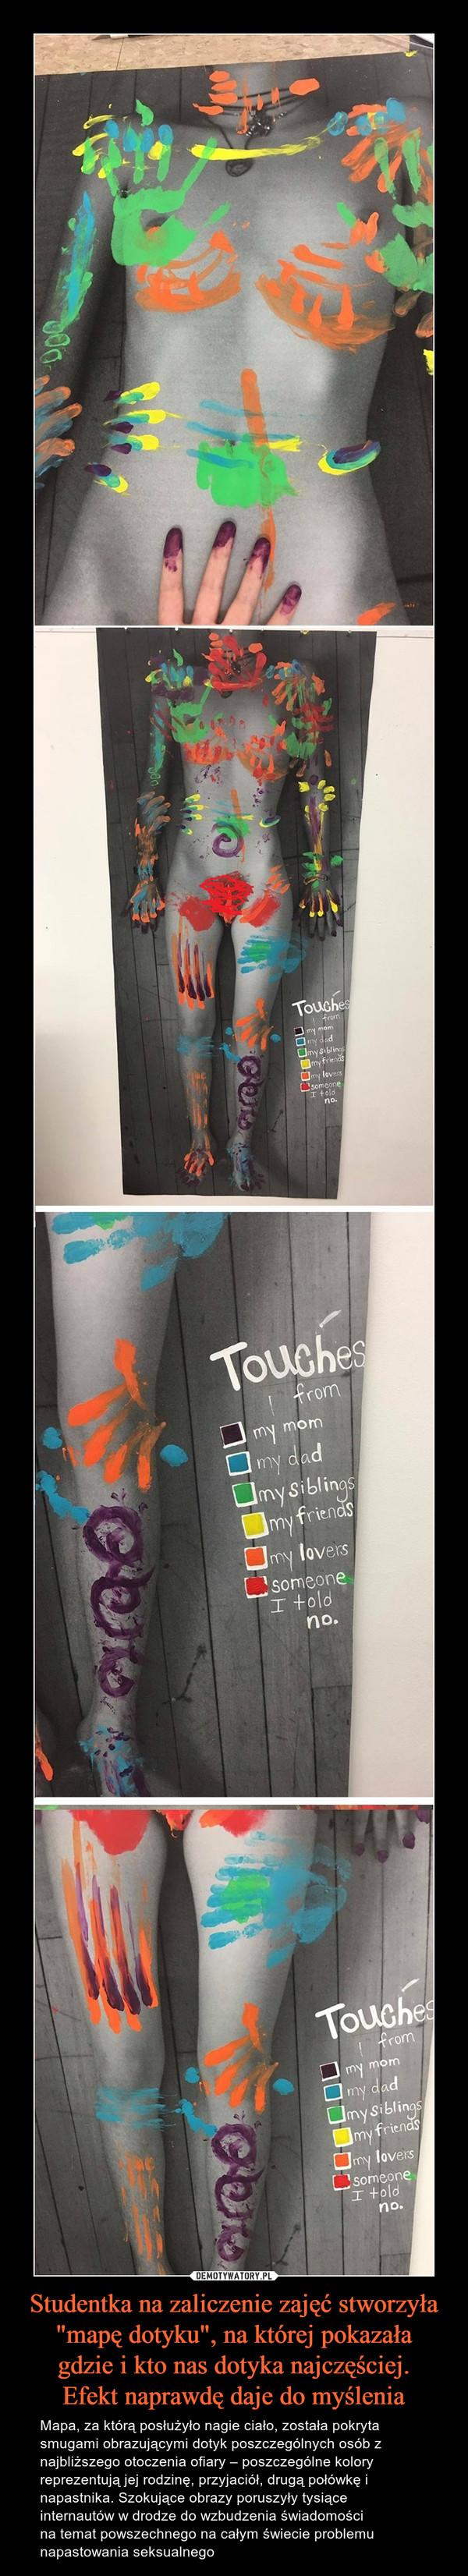 """Studentka na zaliczenie zajęć stworzyła """"mapę dotyku"""", na której pokazałagdzie i kto nas dotyka najczęściej.Efekt naprawdę daje do myślenia – Mapa, za którą posłużyło nagie ciało, została pokryta smugami obrazującymi dotyk poszczególnych osób z najbliższego otoczenia ofiary – poszczególne kolory reprezentują jej rodzinę, przyjaciół, drugą połówkę i napastnika. Szokujące obrazy poruszyły tysiąceinternautów w drodze do wzbudzenia świadomości na temat powszechnego na całym świecie problemu napastowania seksualnego"""